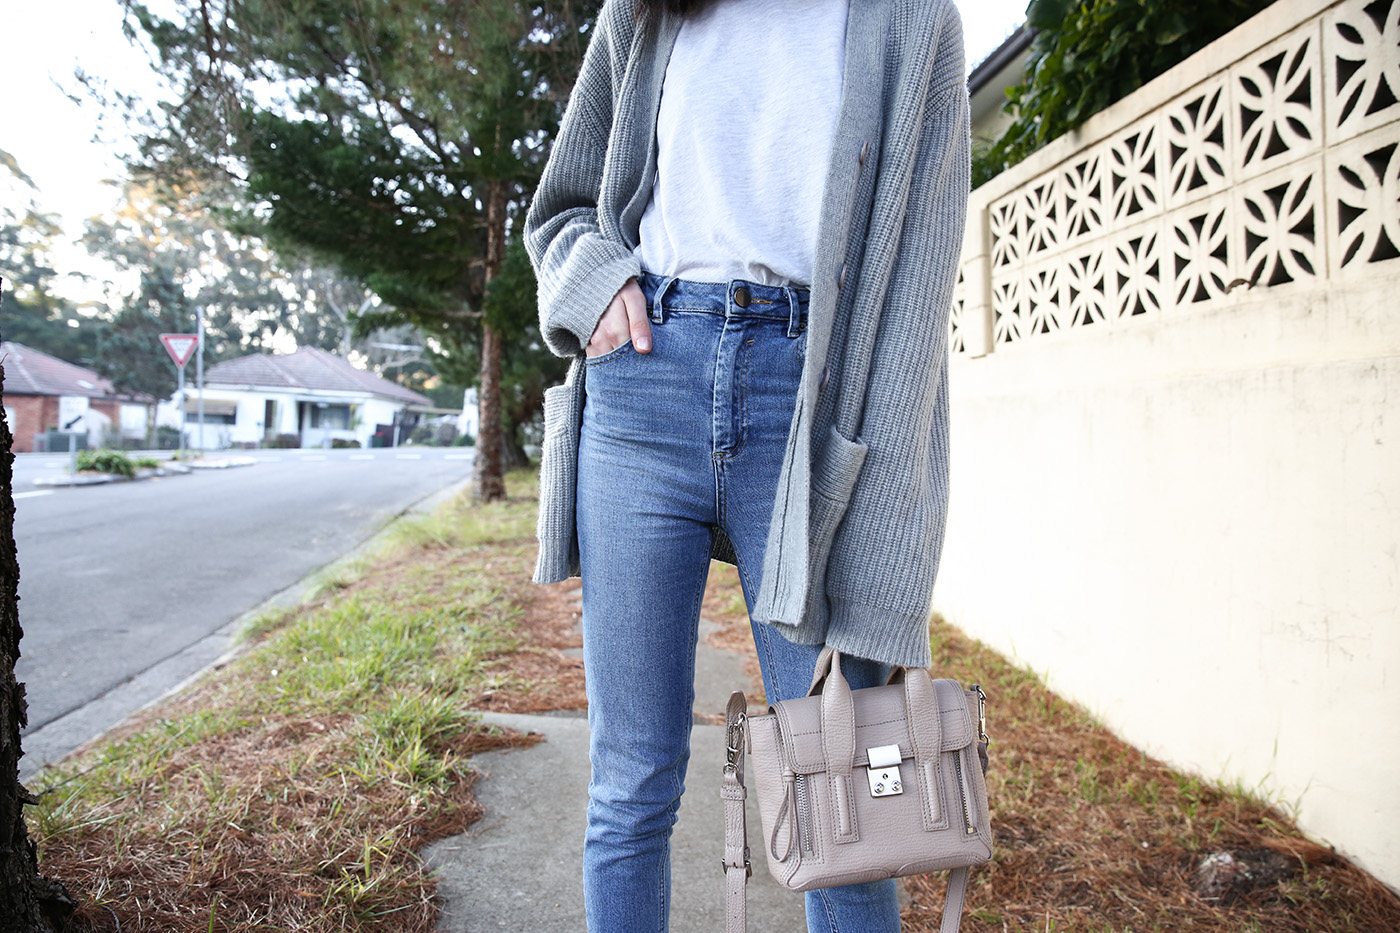 mademoiselle weekend wardrobe staples wearing minimal outfit